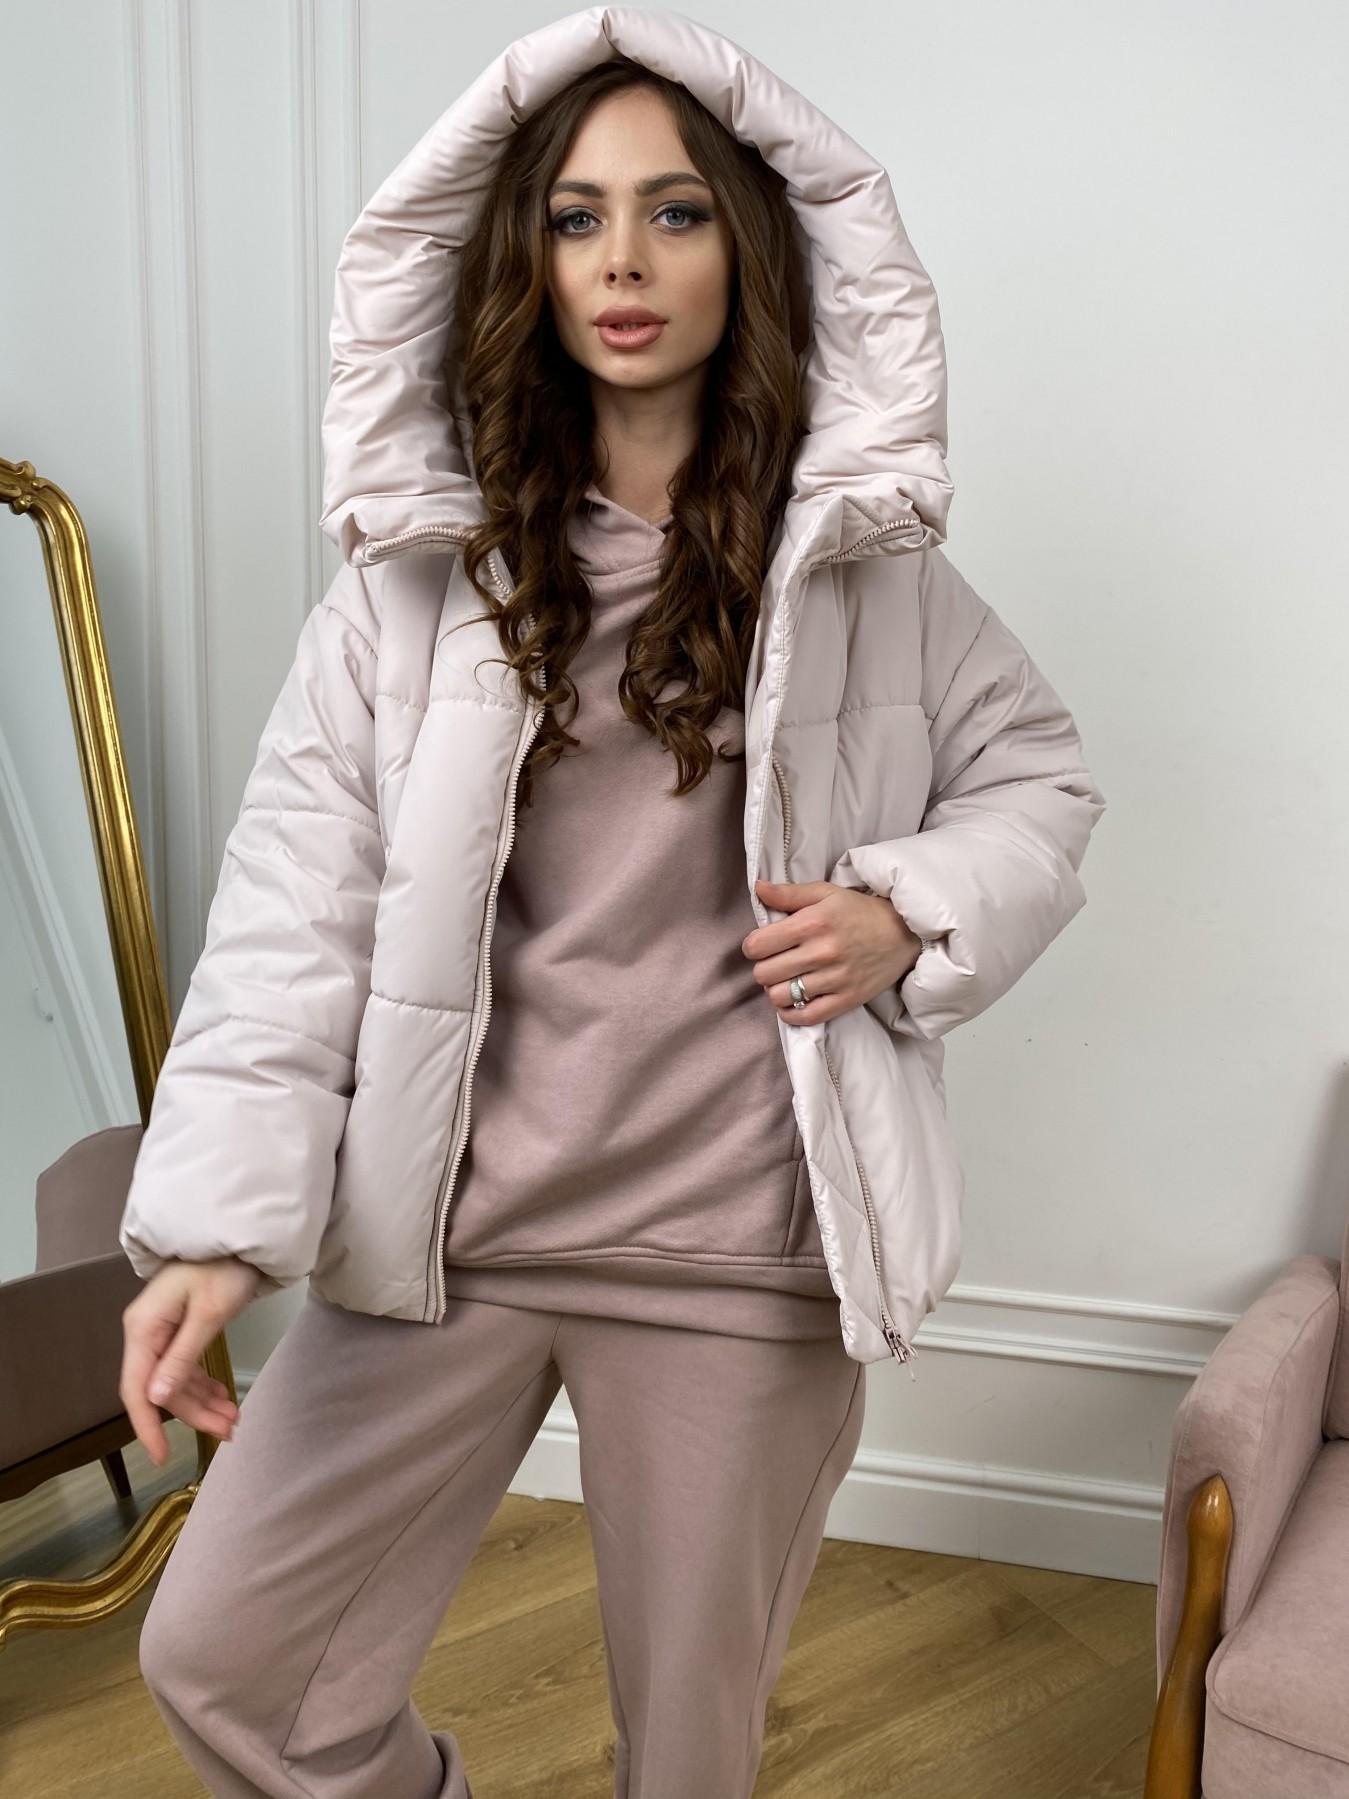 Нокс куртка из плащевой ткани 10535 АРТ. 46973 Цвет: Молоко 970 - фото 6, интернет магазин tm-modus.ru